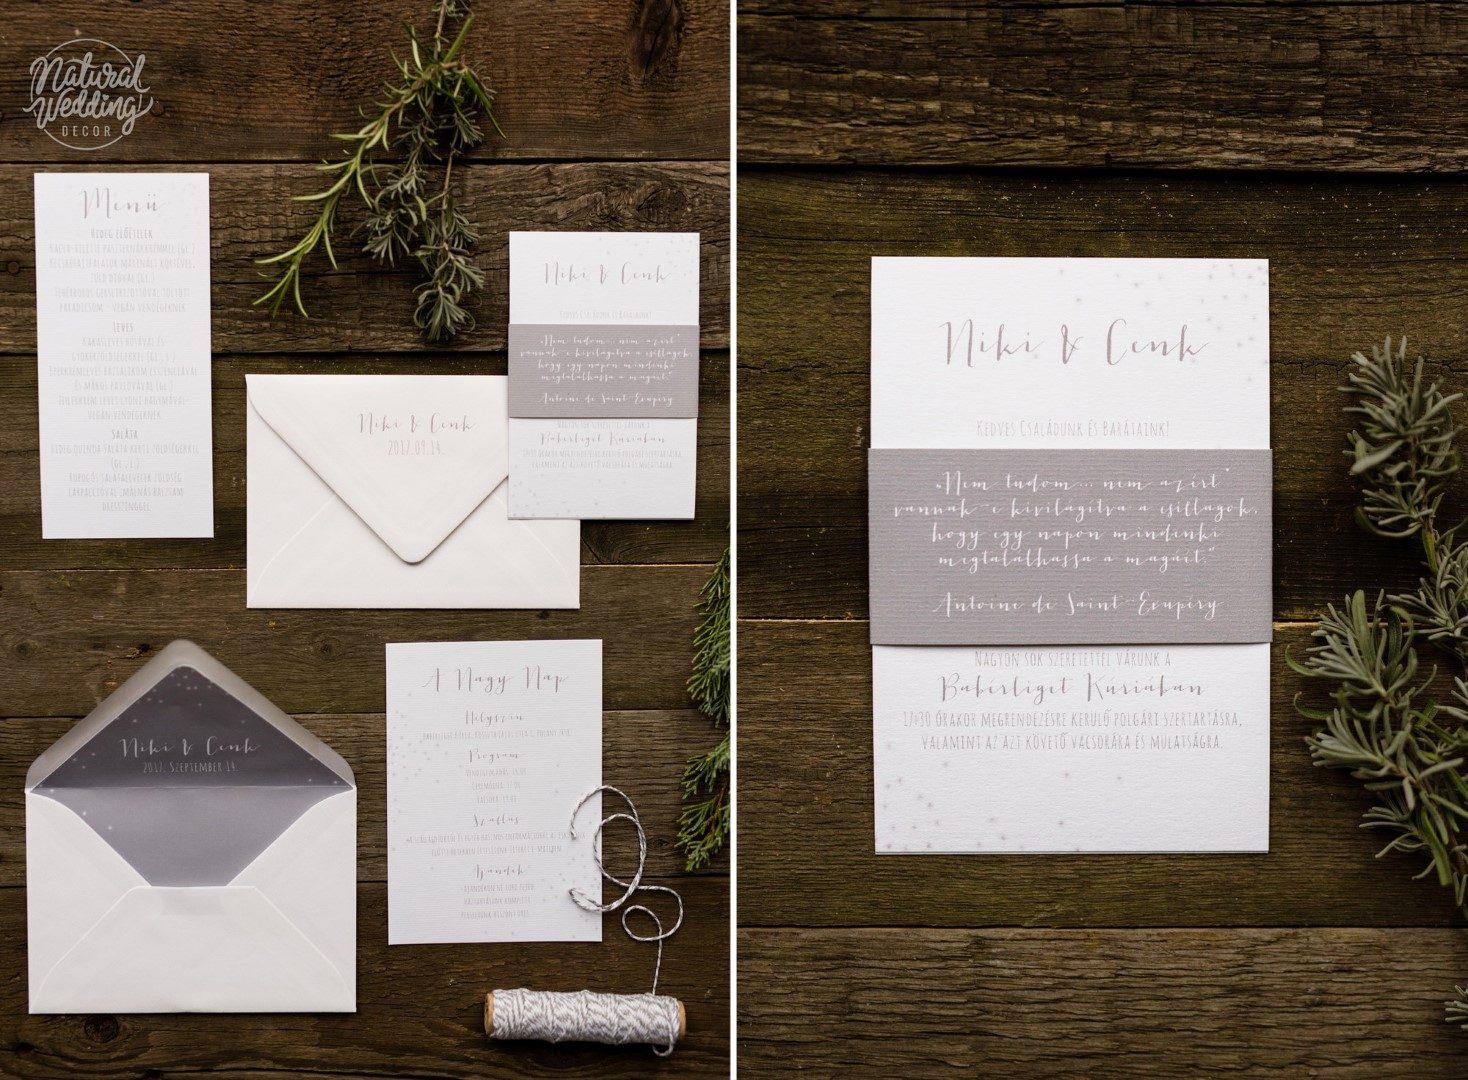 Milyen legyen az esküvői meghívó  - Tippek 893cddab79